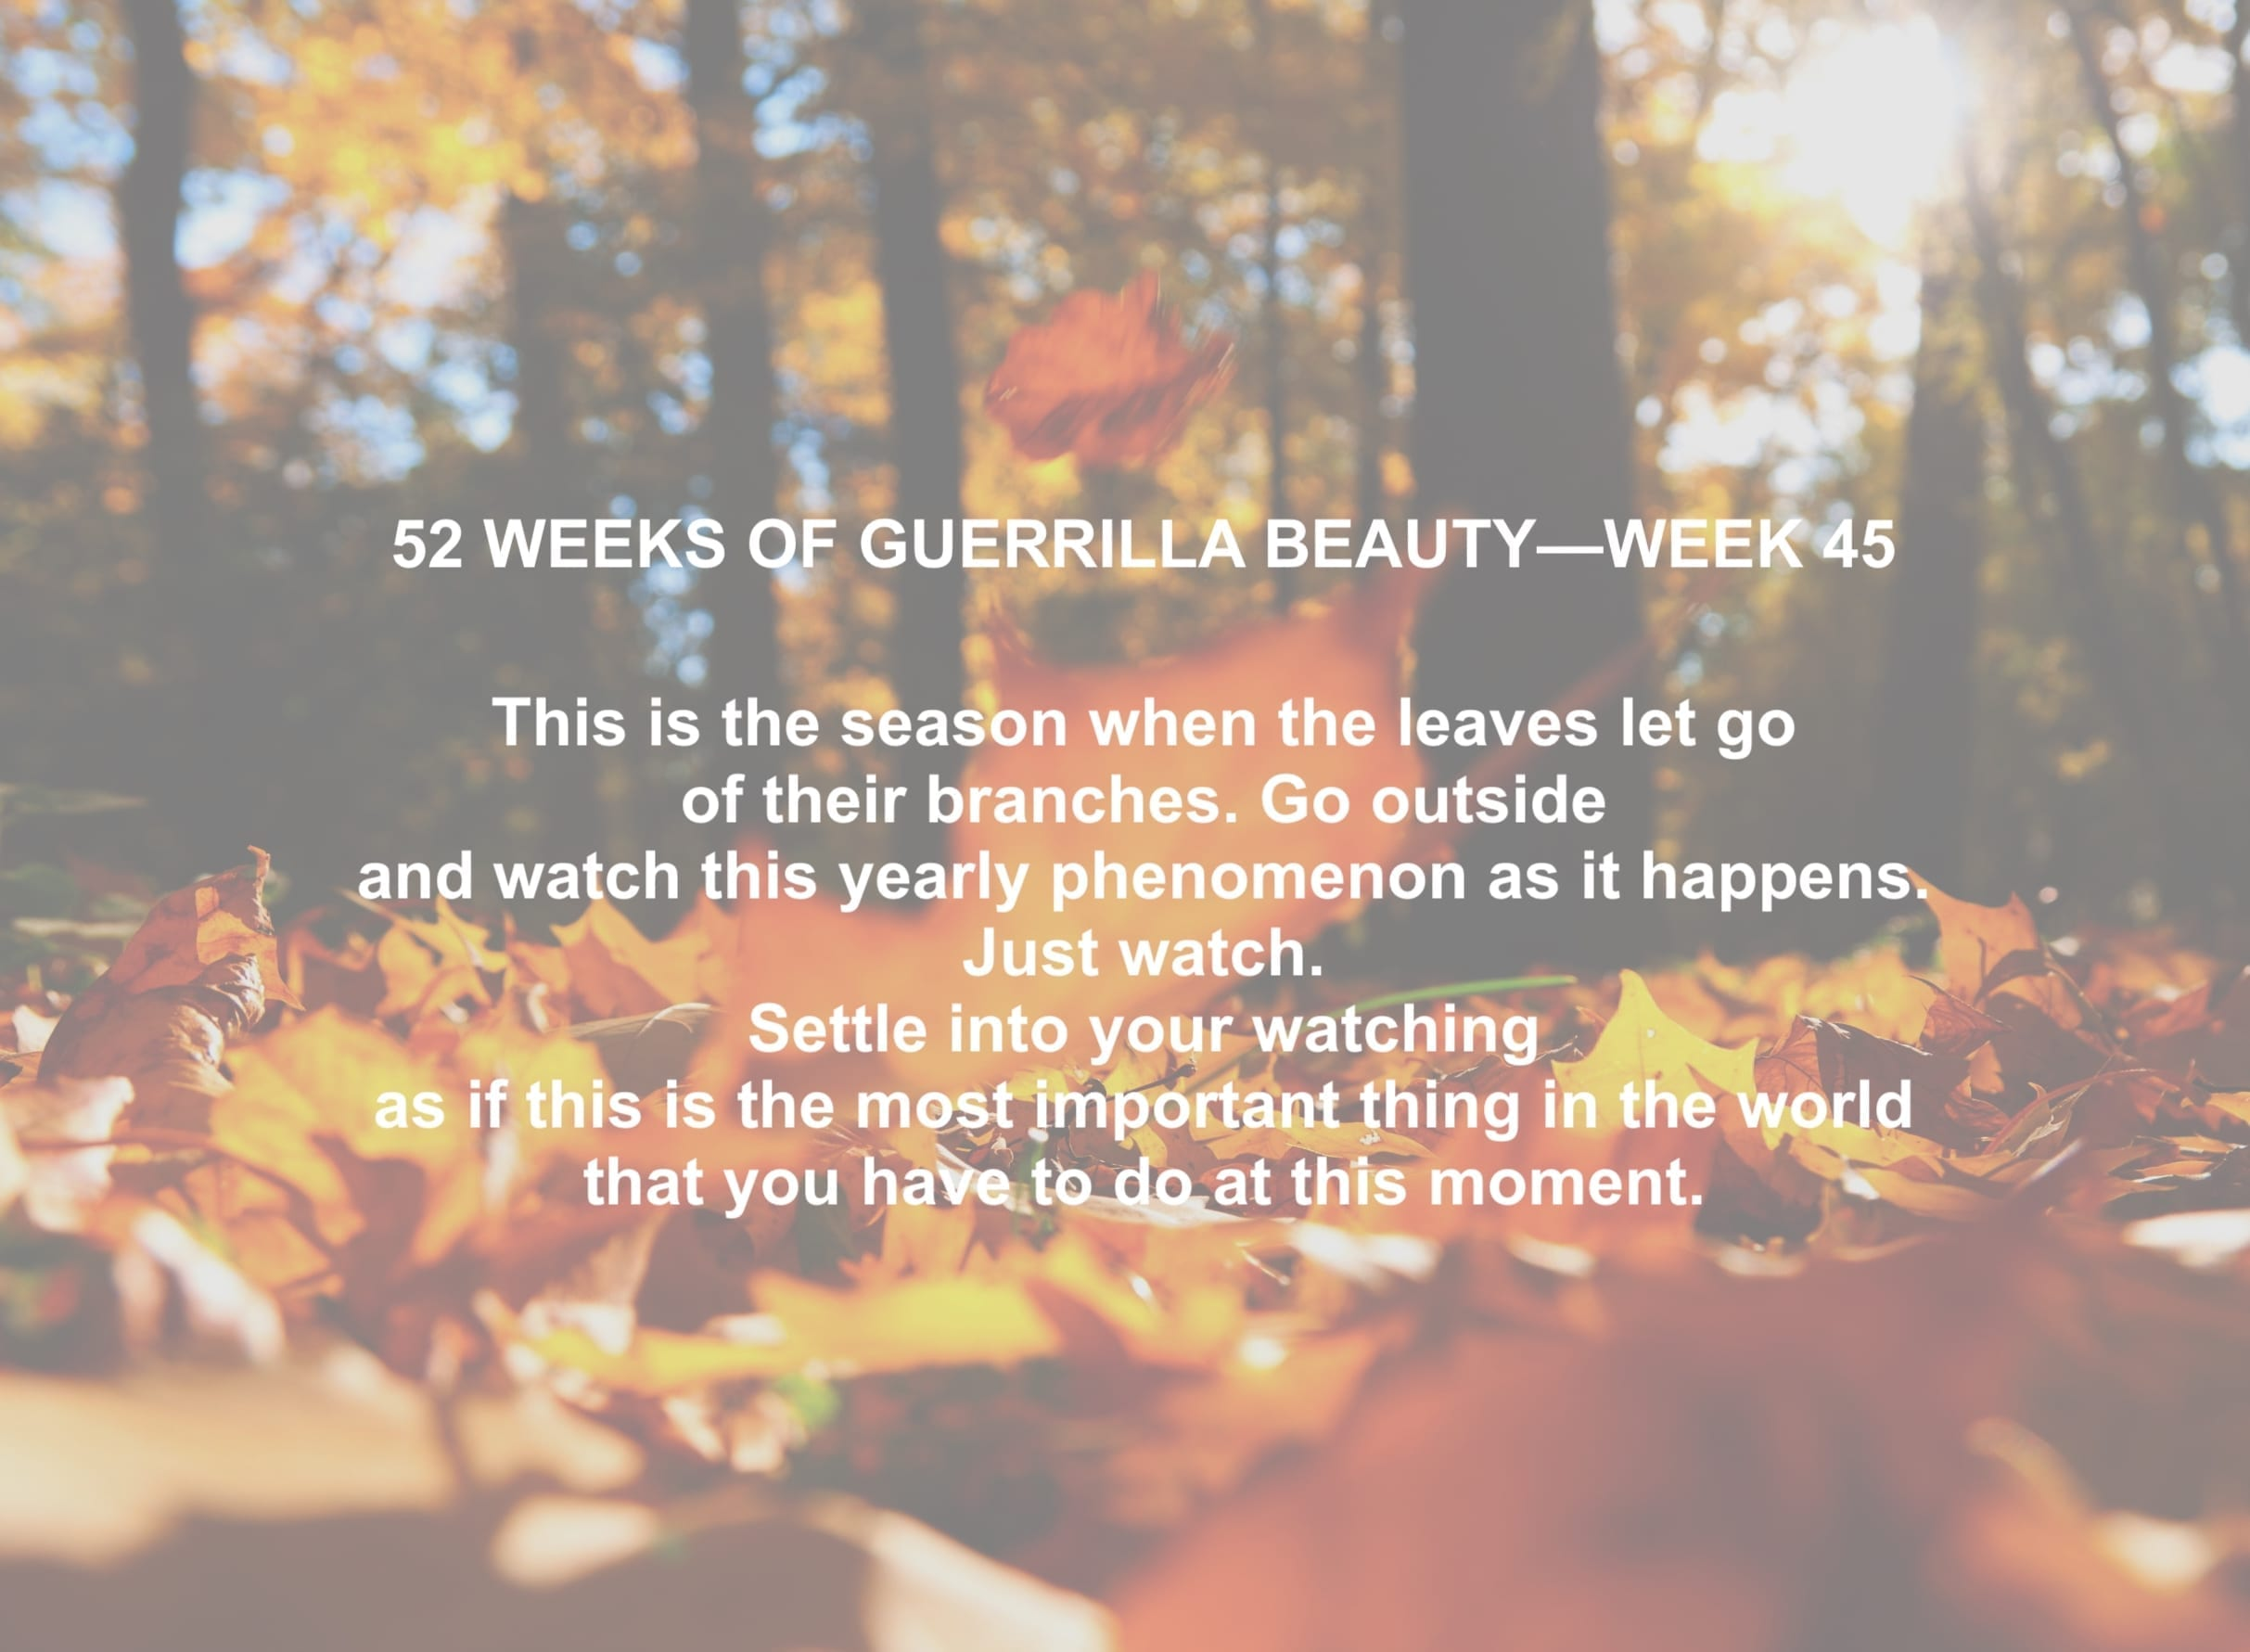 52 WEEKS—45